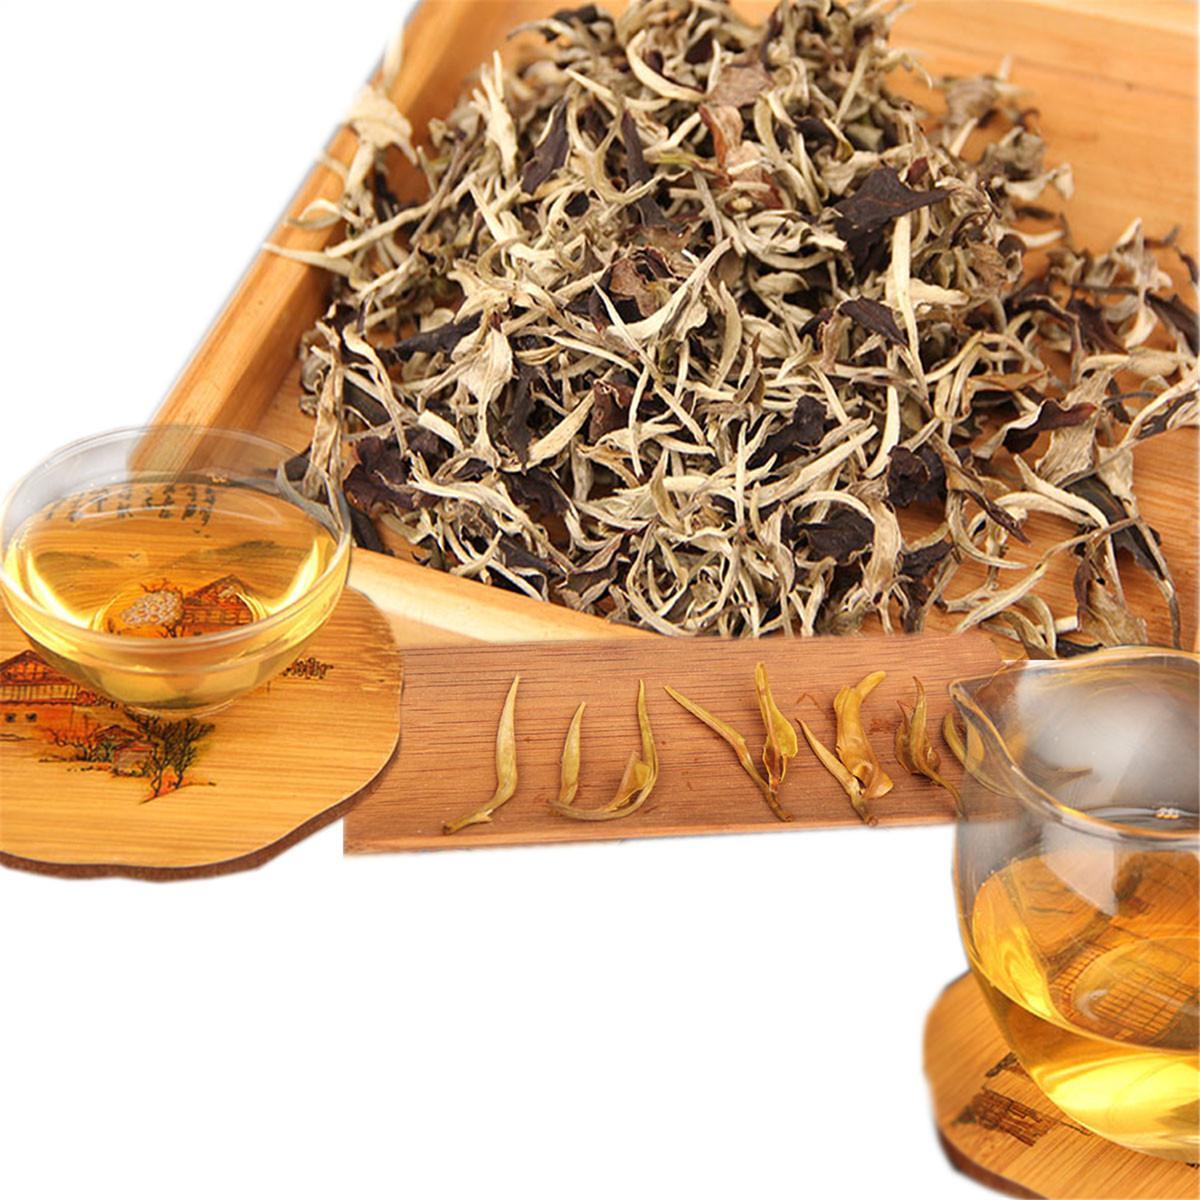 Yunnan One Bud One Leaf Moonlight White Pu er Tea Loose Raw Pu Er Tea Organic Pu'er Oldest Tree Green Puer Natural Puerh Tea